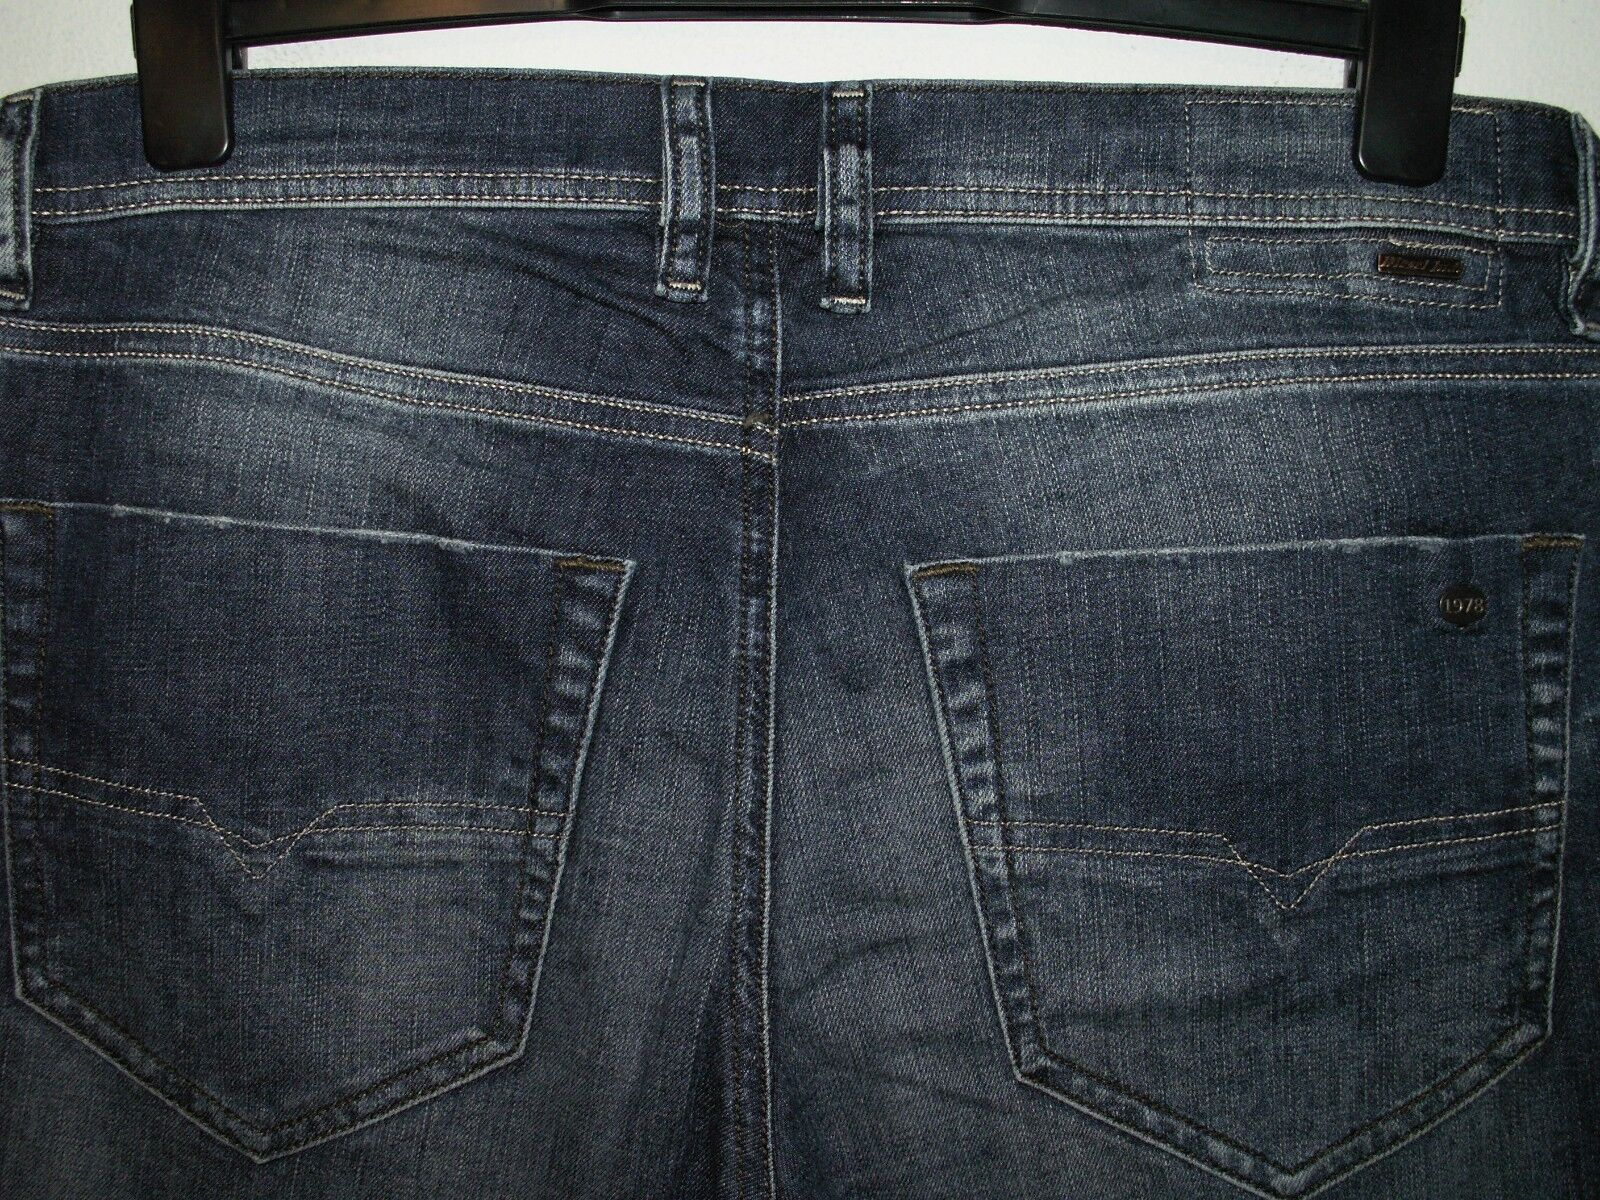 Diesel tepphar slim carrot fit fit fit jeans wash 0827I